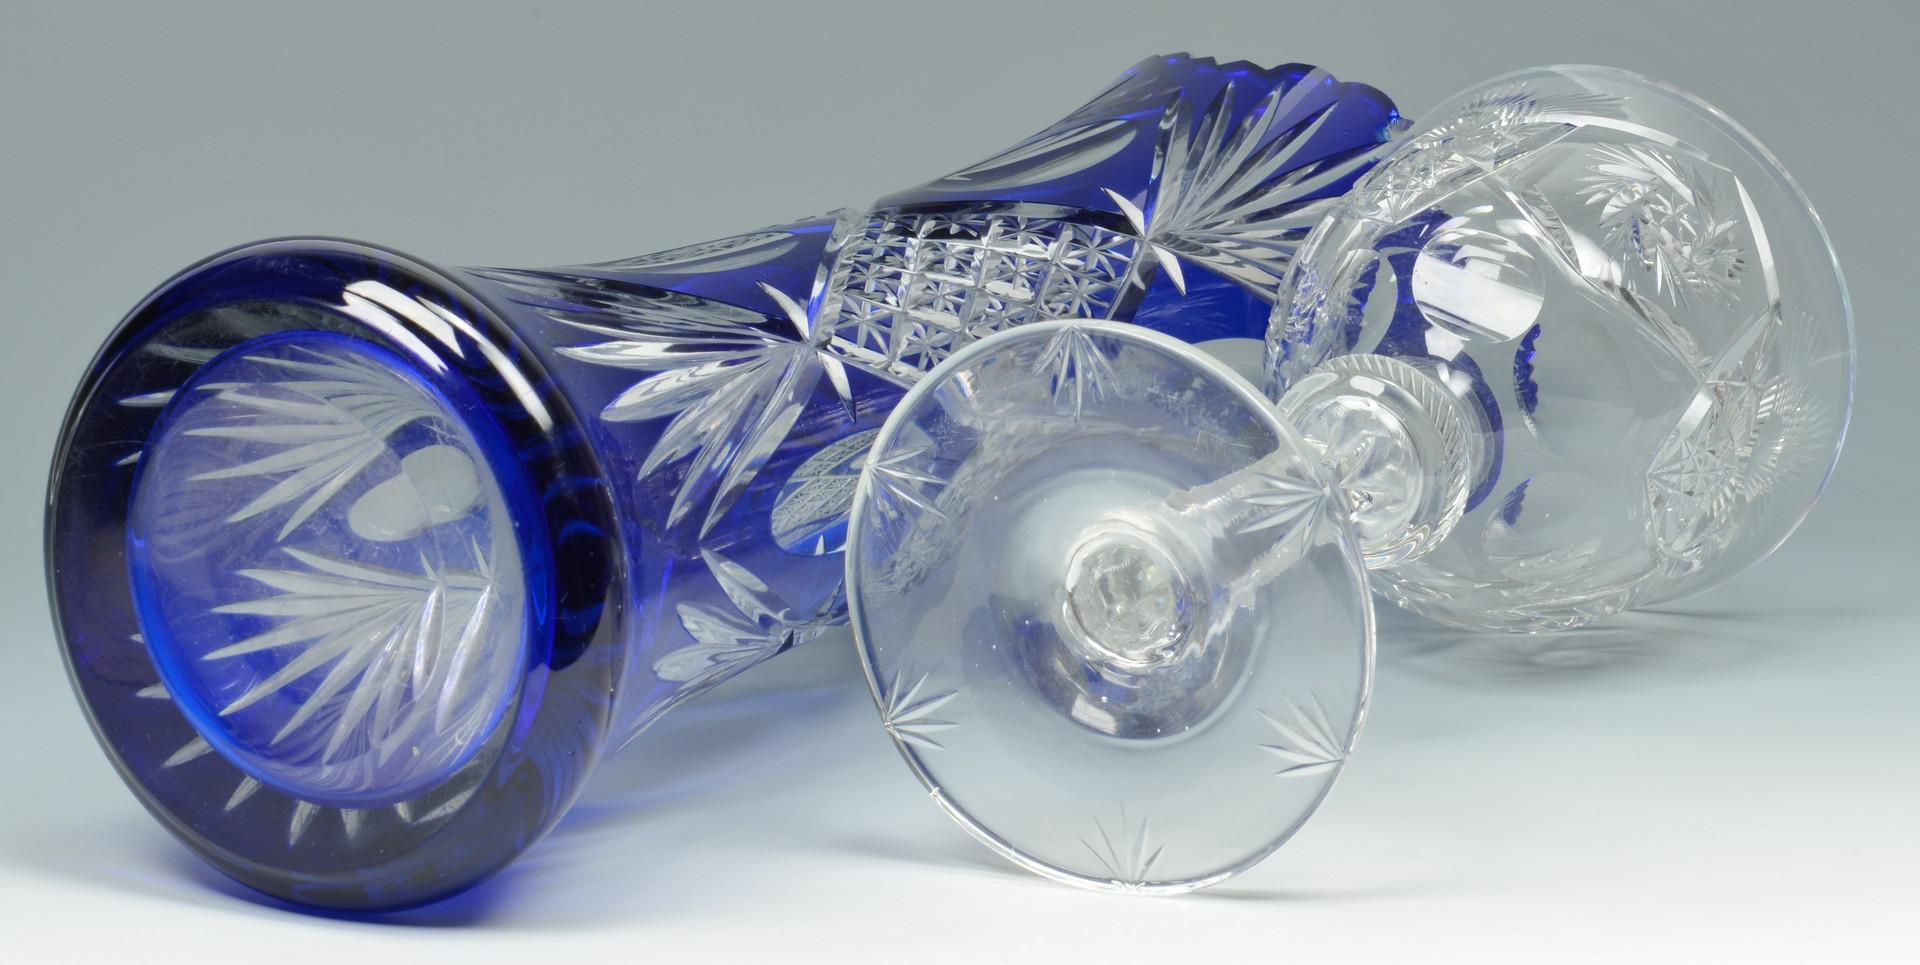 Lot 881: 4 Articles of Brilliant Cut Glass